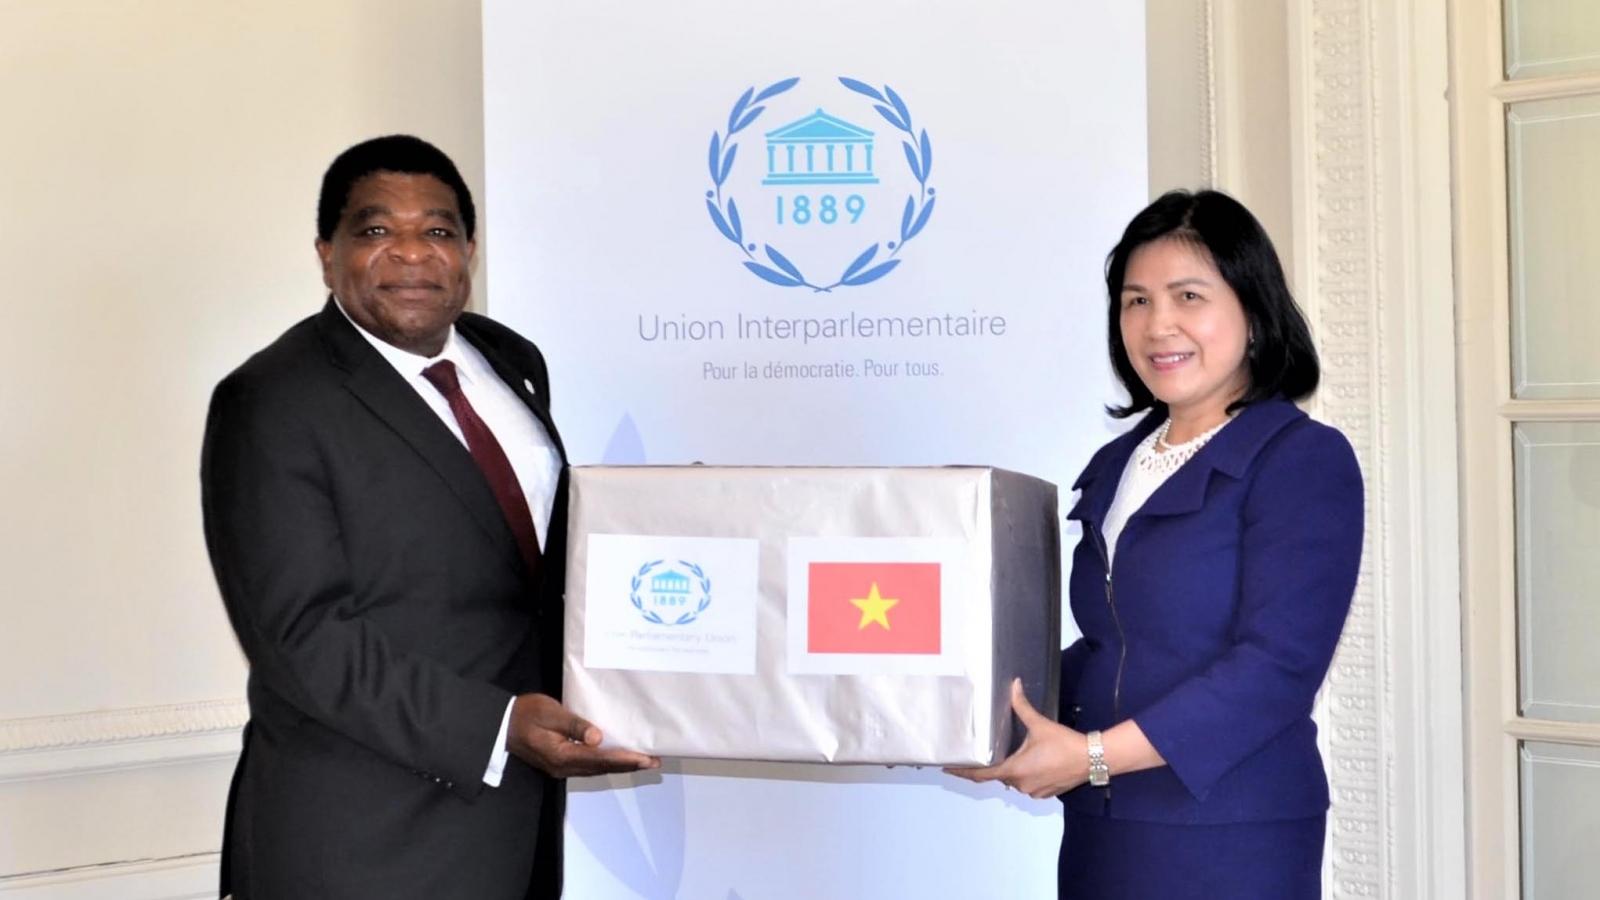 Trao quà khẩu trang y tế Quốc hội Việt Nam gửi tặng Ban Thư ký IPU